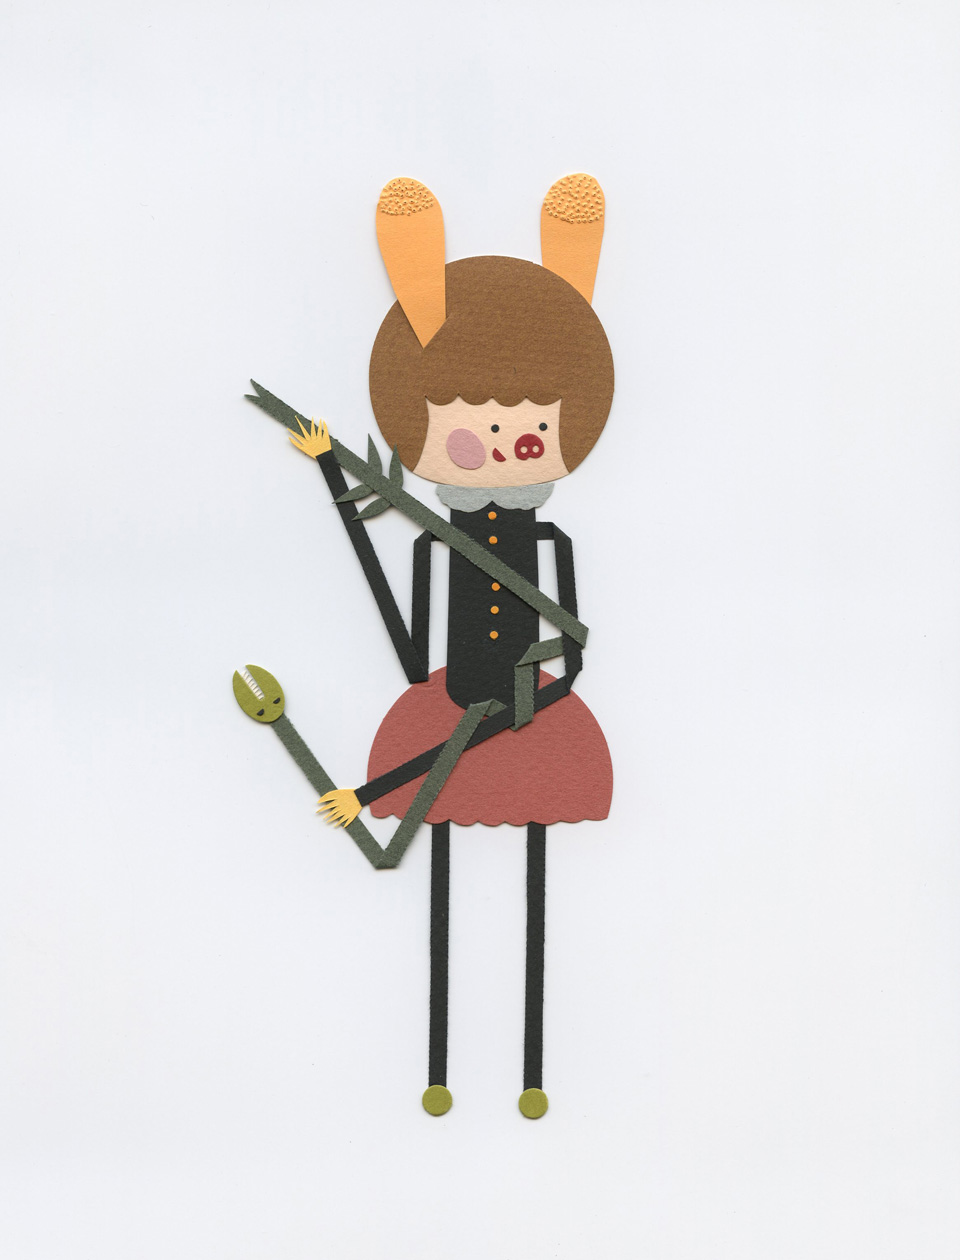 Paper character by Elsa Mora. 2013. copy